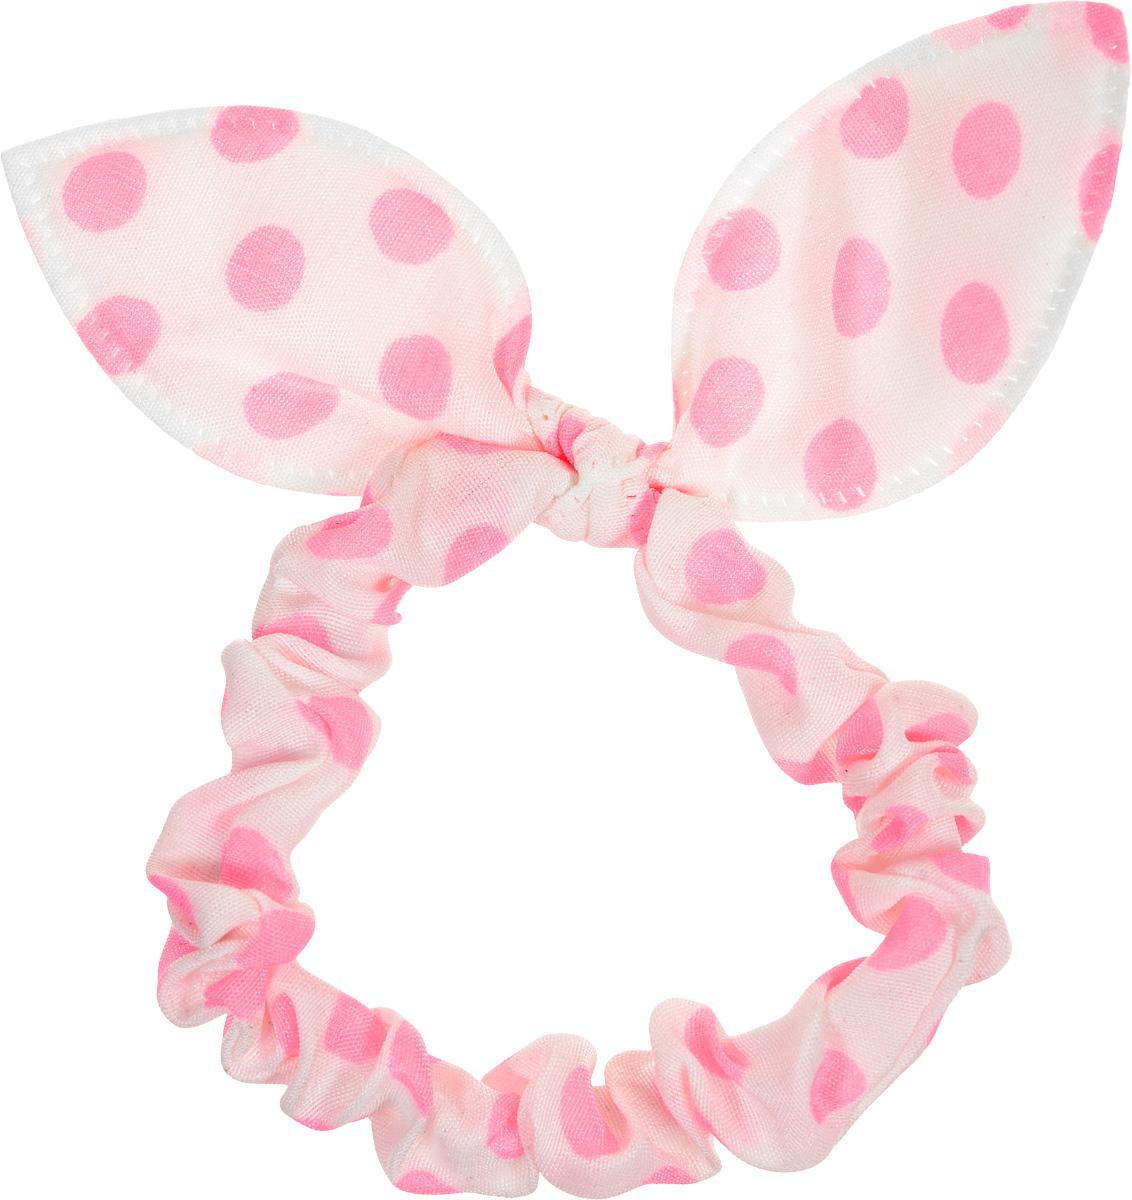 Magic Leverage Резинка для волос, цвет: белый, розовый